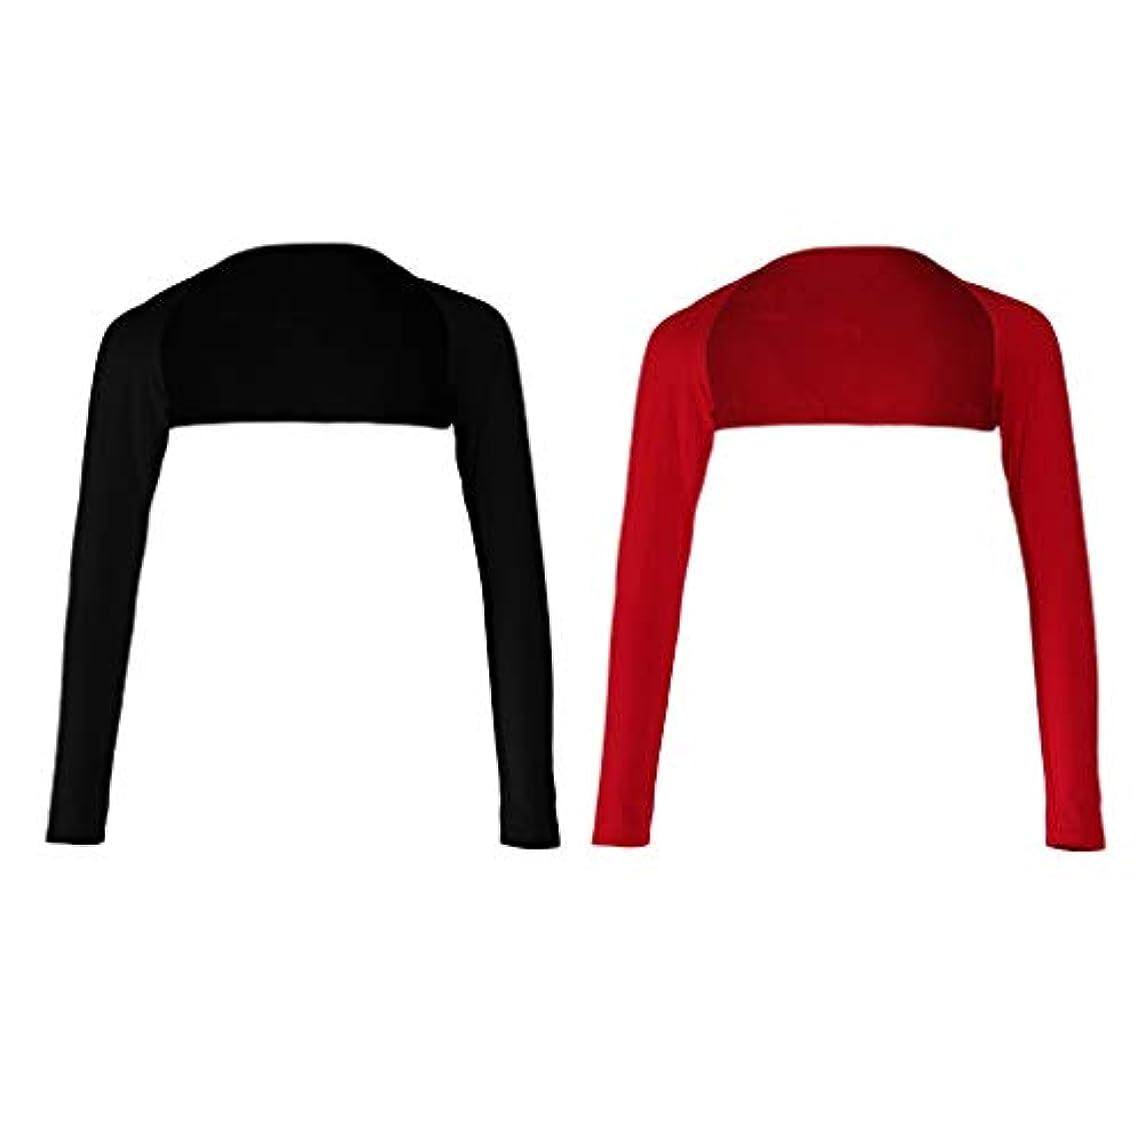 前売ふくろう置くためにパックPerfk アームカバー クリアビューティアクティブ 着るアームカバー UVカット 暑さよけ 寒さよけ ソリッドカラー